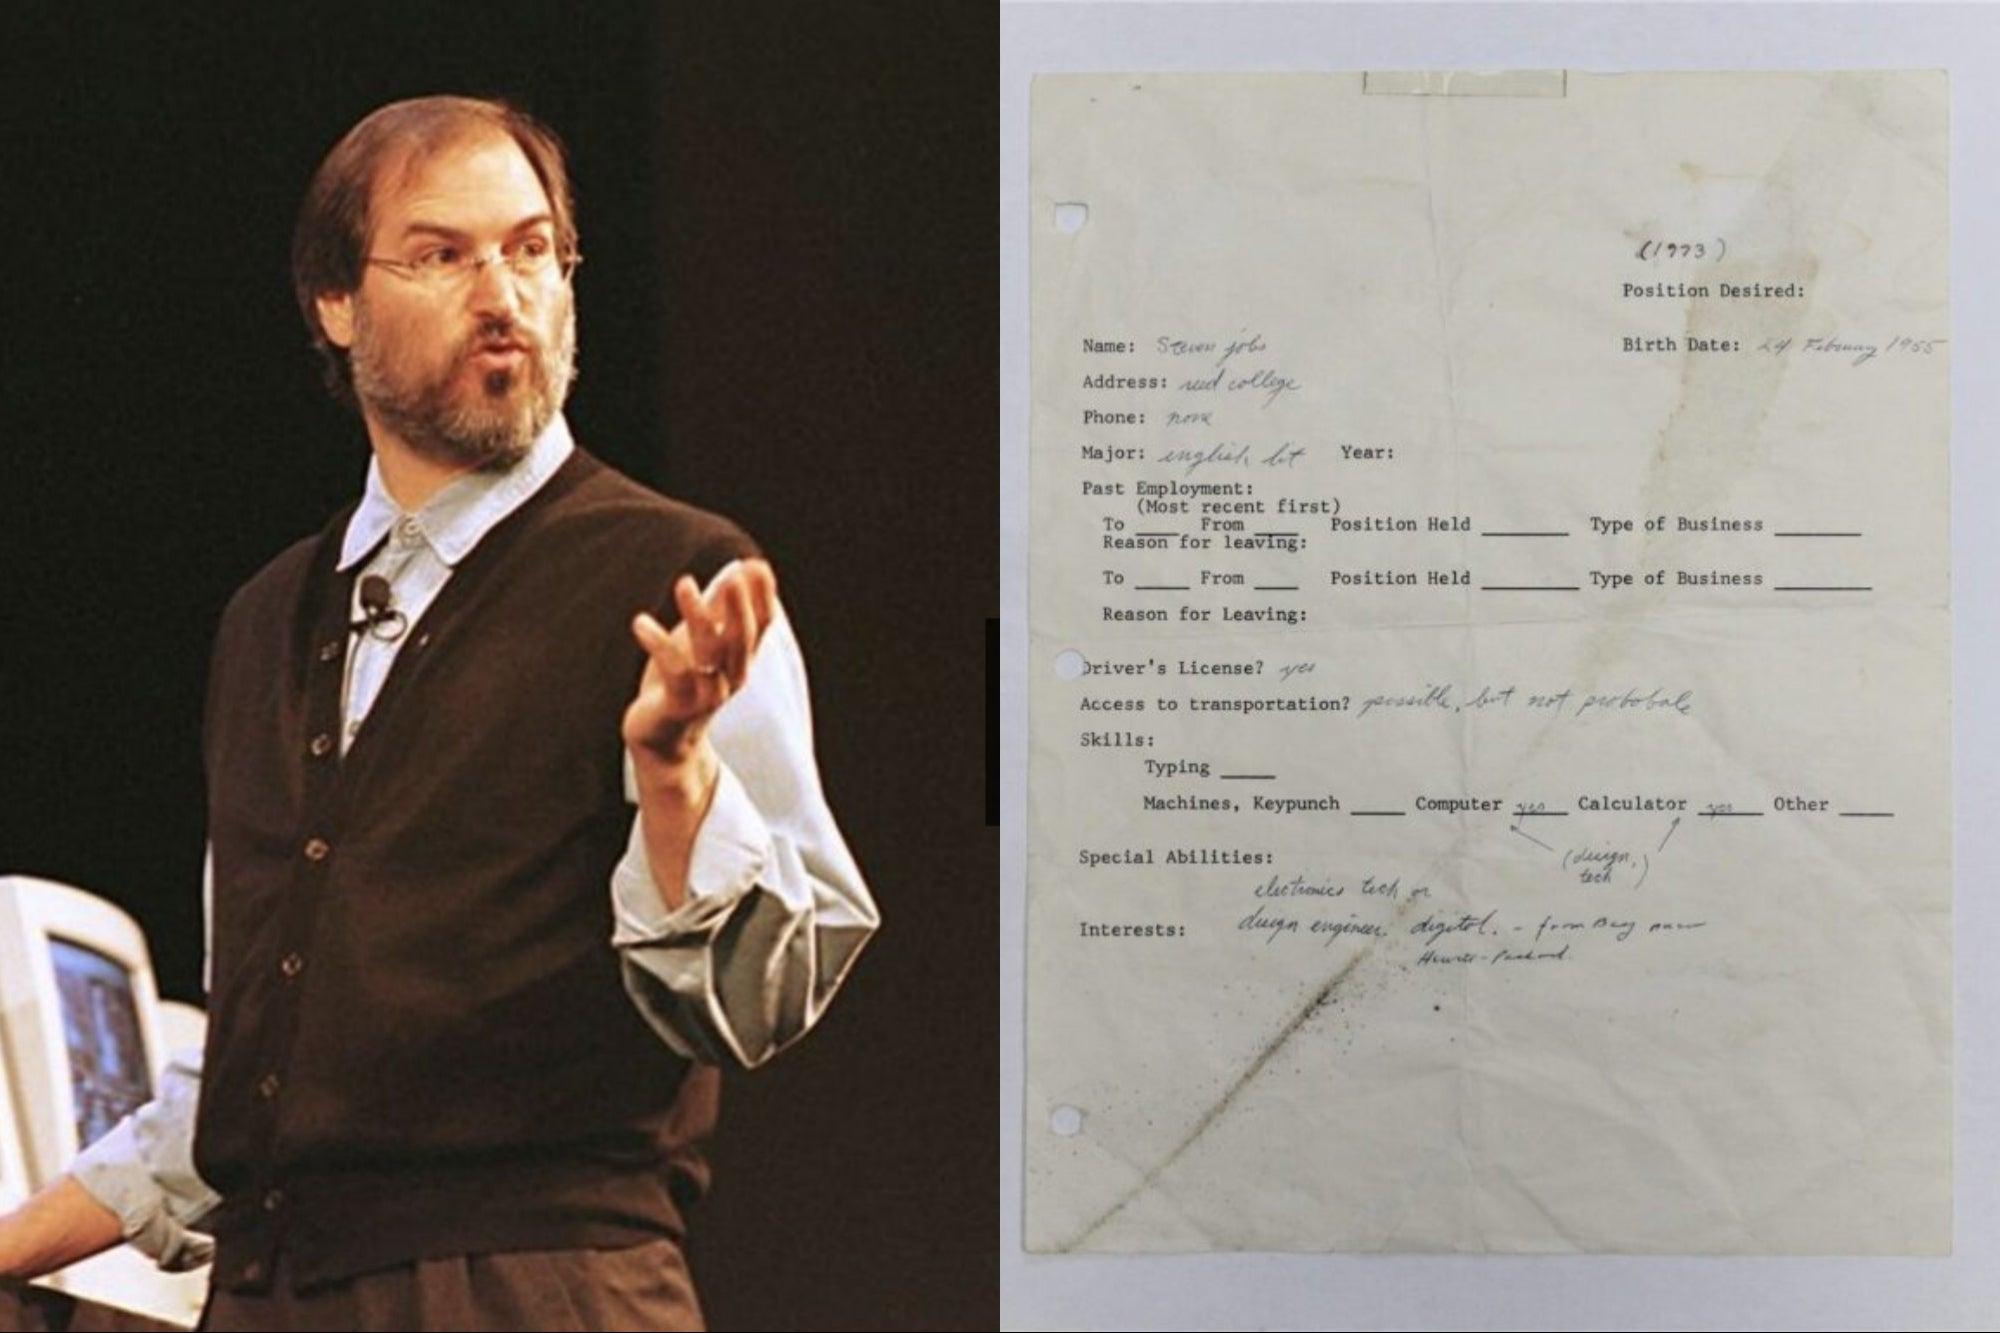 فرم درخواست شغل استیو جابز با قیمت ۲۲۲ هزار دلار در یک حراجی فروخته شد